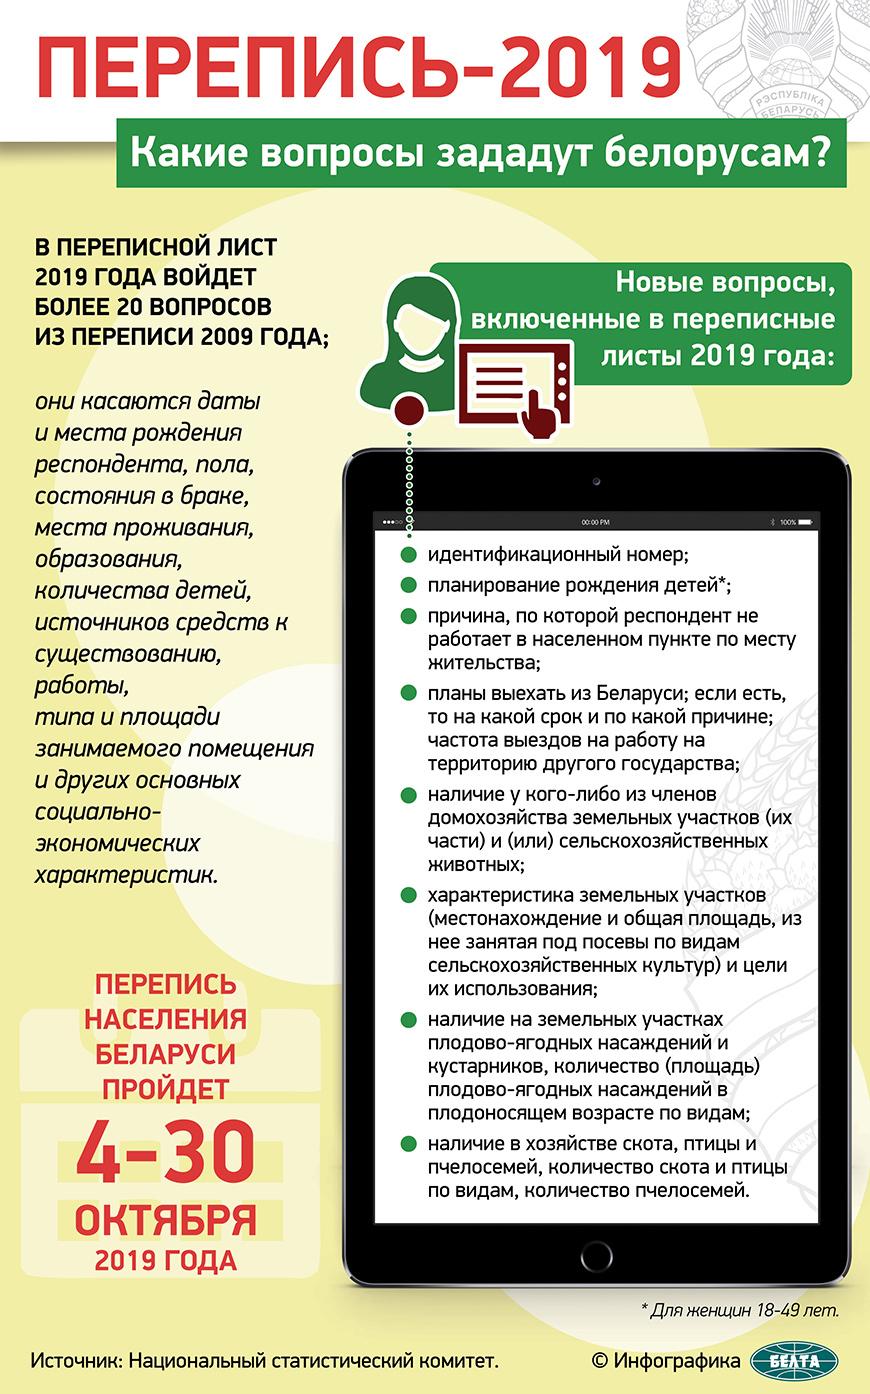 Перепись-2019. Какие вопросы зададут белорусам?